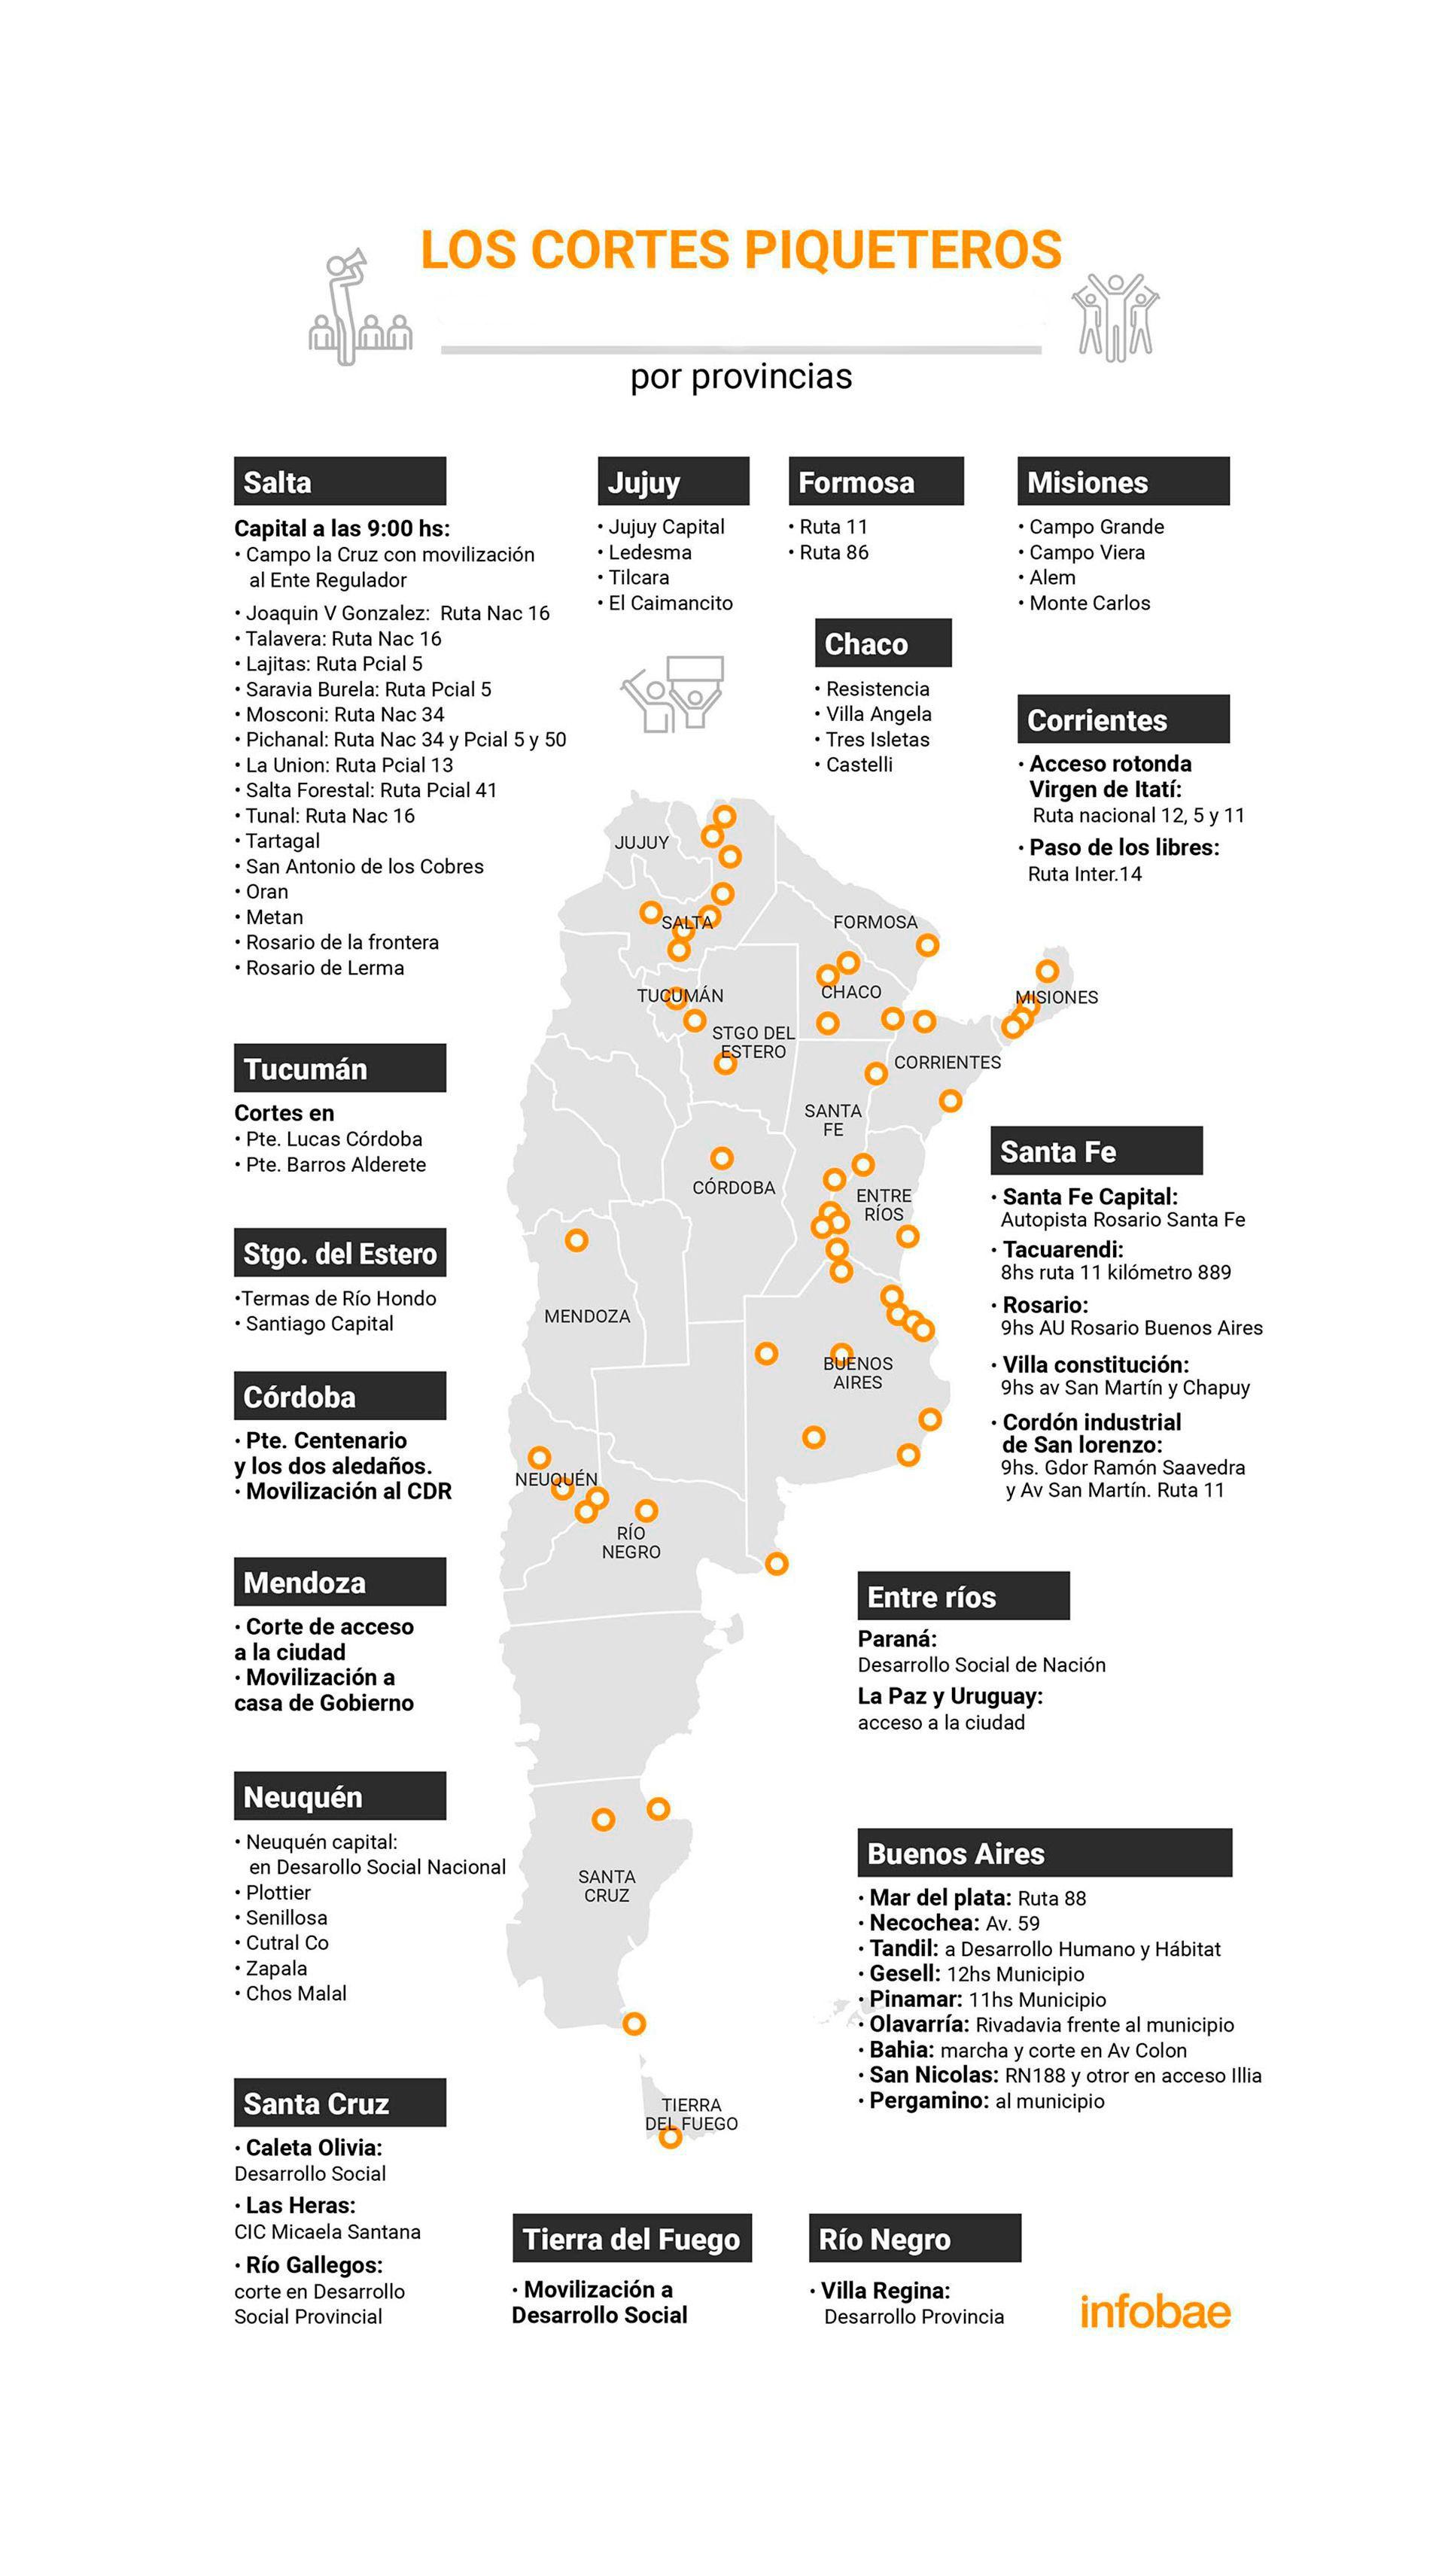 Cortes y protestas en todo el país